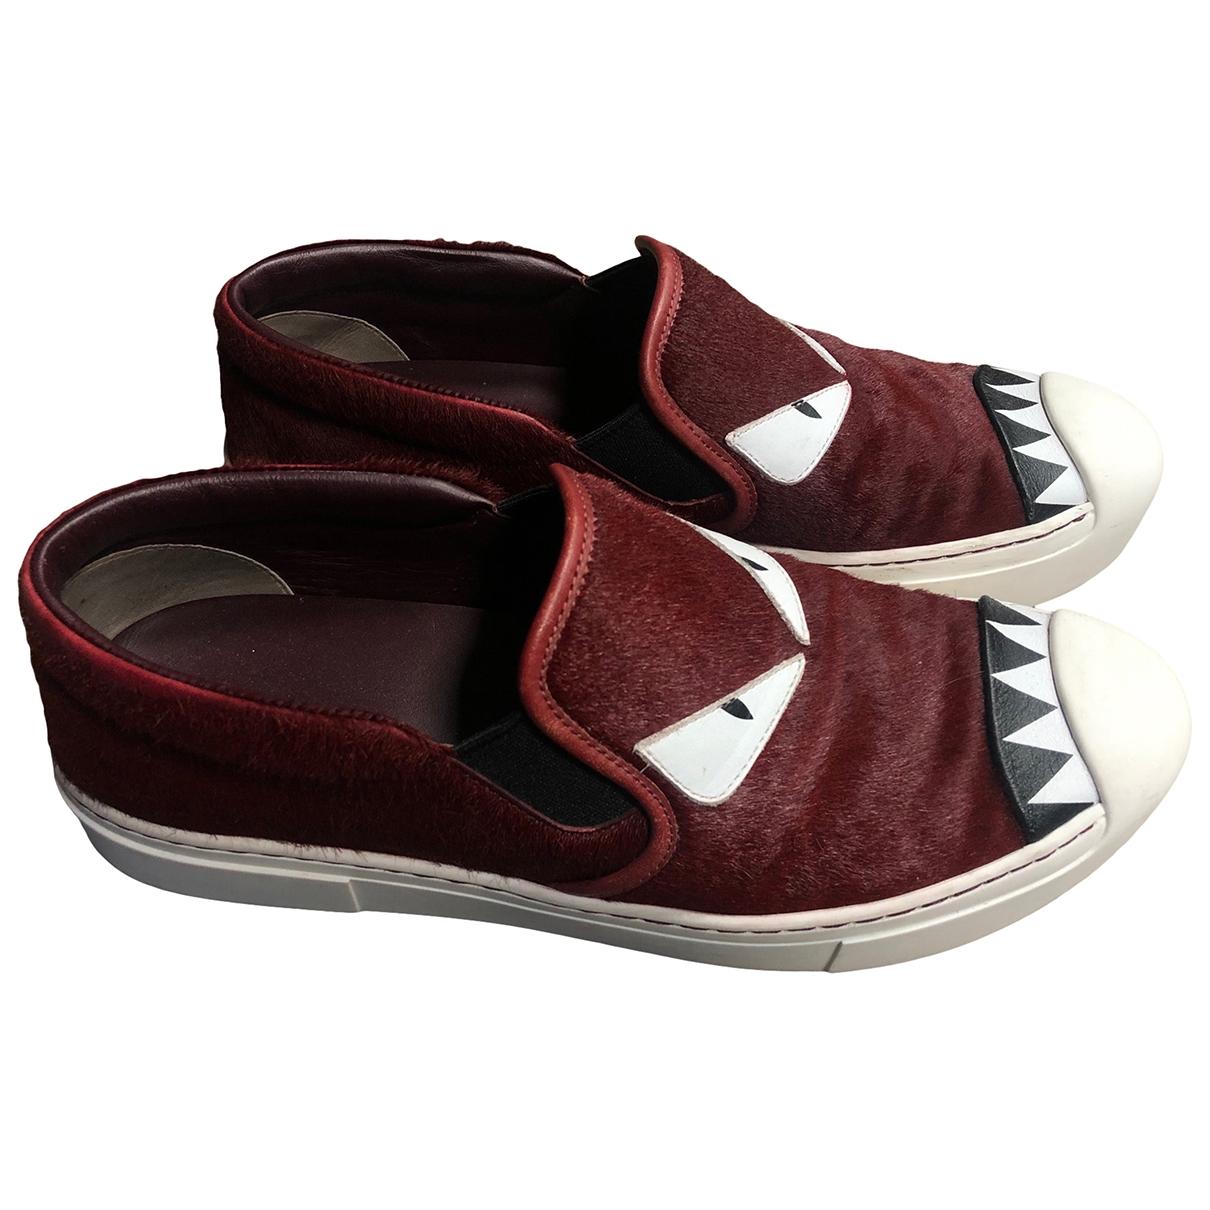 Fendi \N Sneakers in  Bordeauxrot Kalbsleder in Pony-Optik